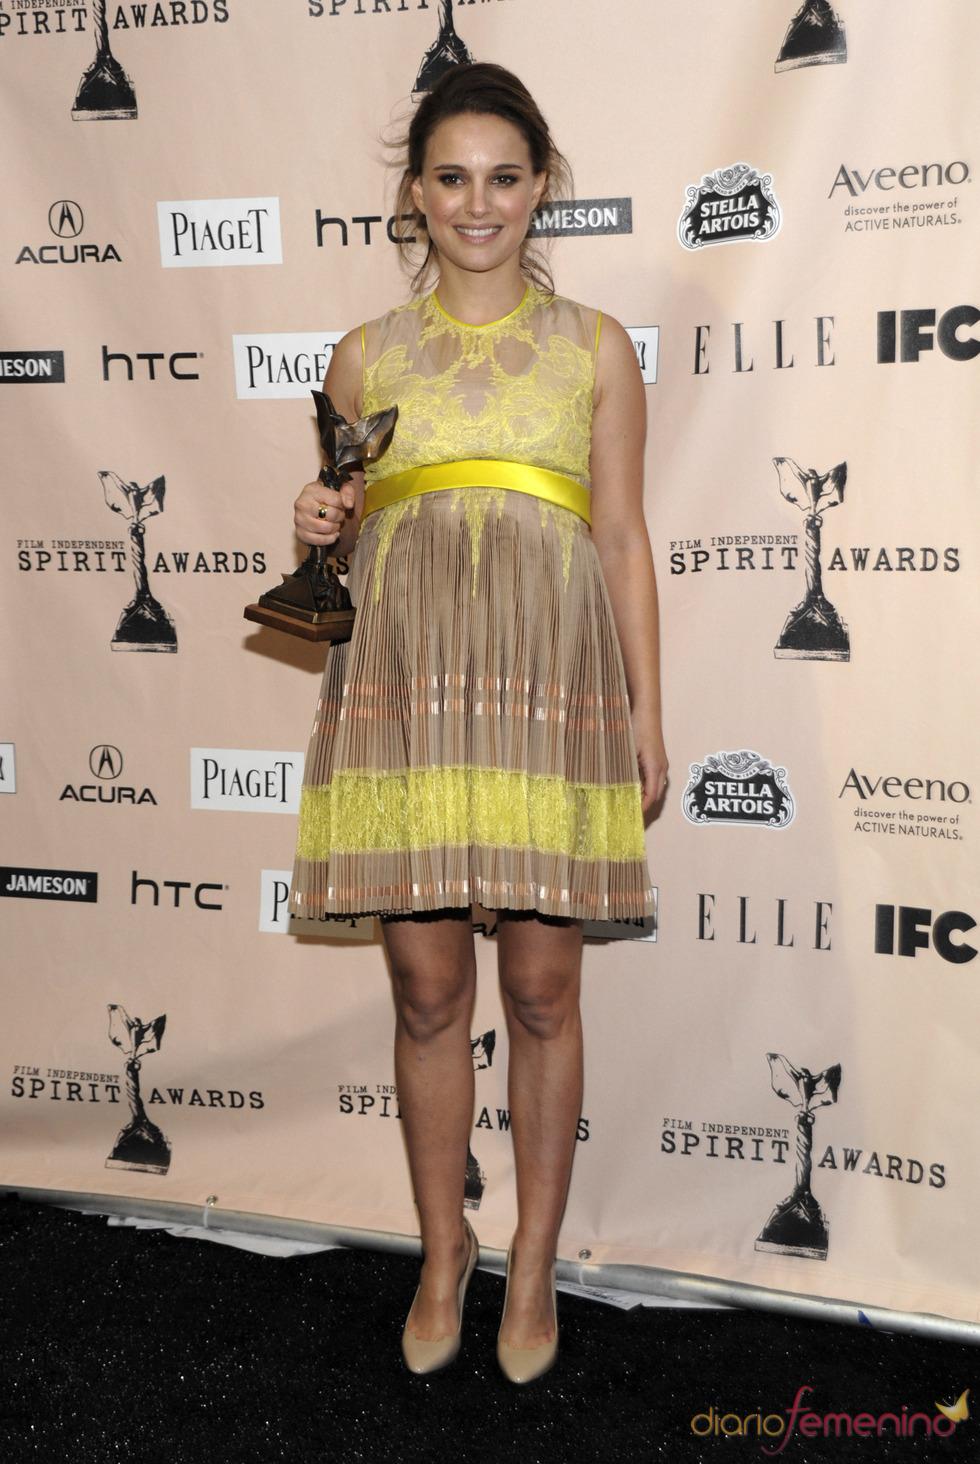 Natalie Portman, 'Mejor actriz' en los Premios Spirit 2011